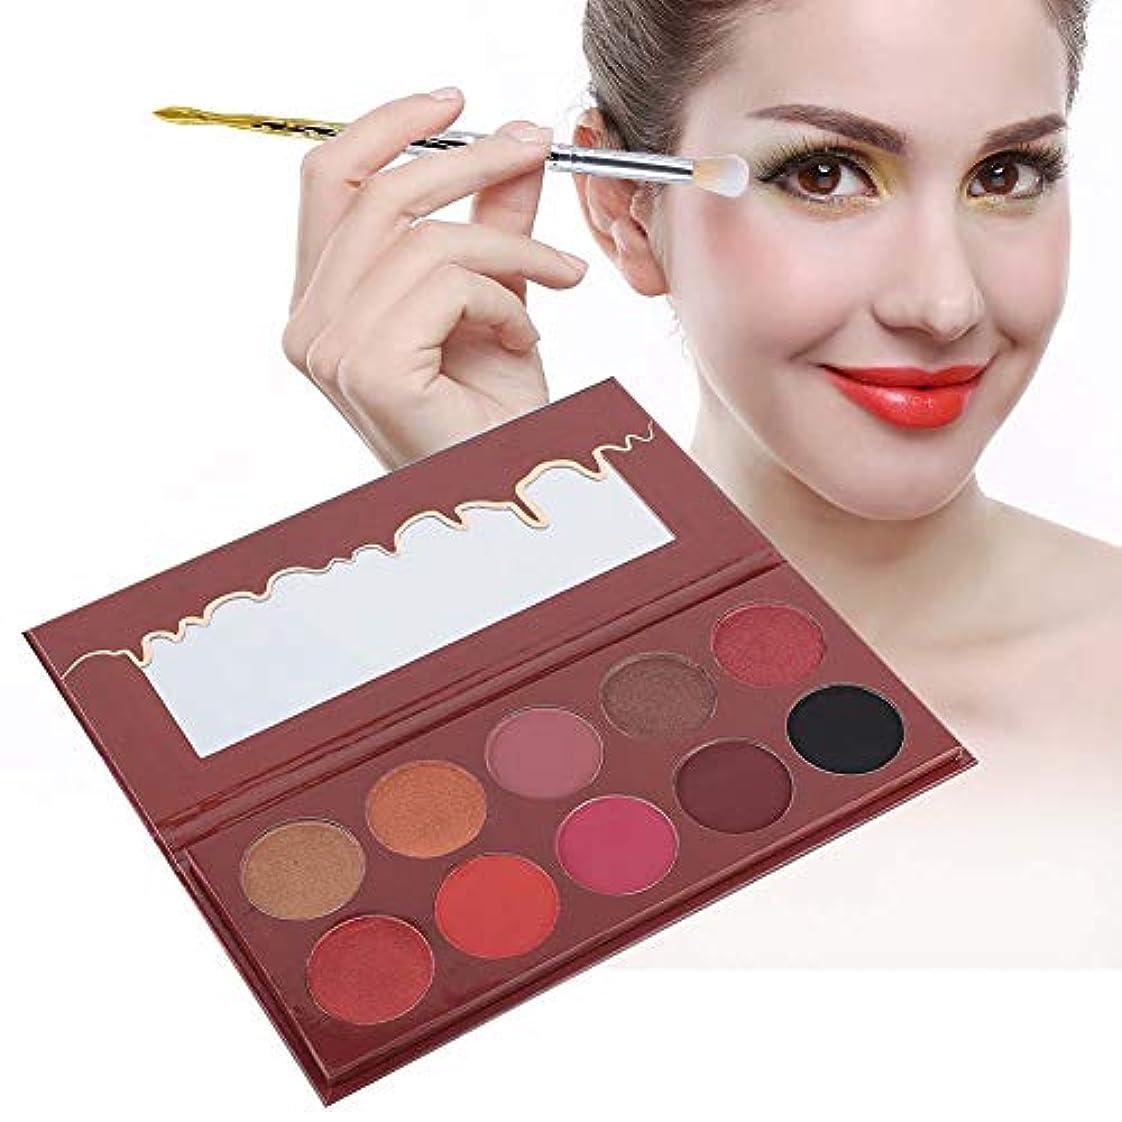 受付逆さまに増幅10色 アイシャドウパレット アイシャドウパレット 化粧マット グロス アイシャドウパウダー 化粧品ツール